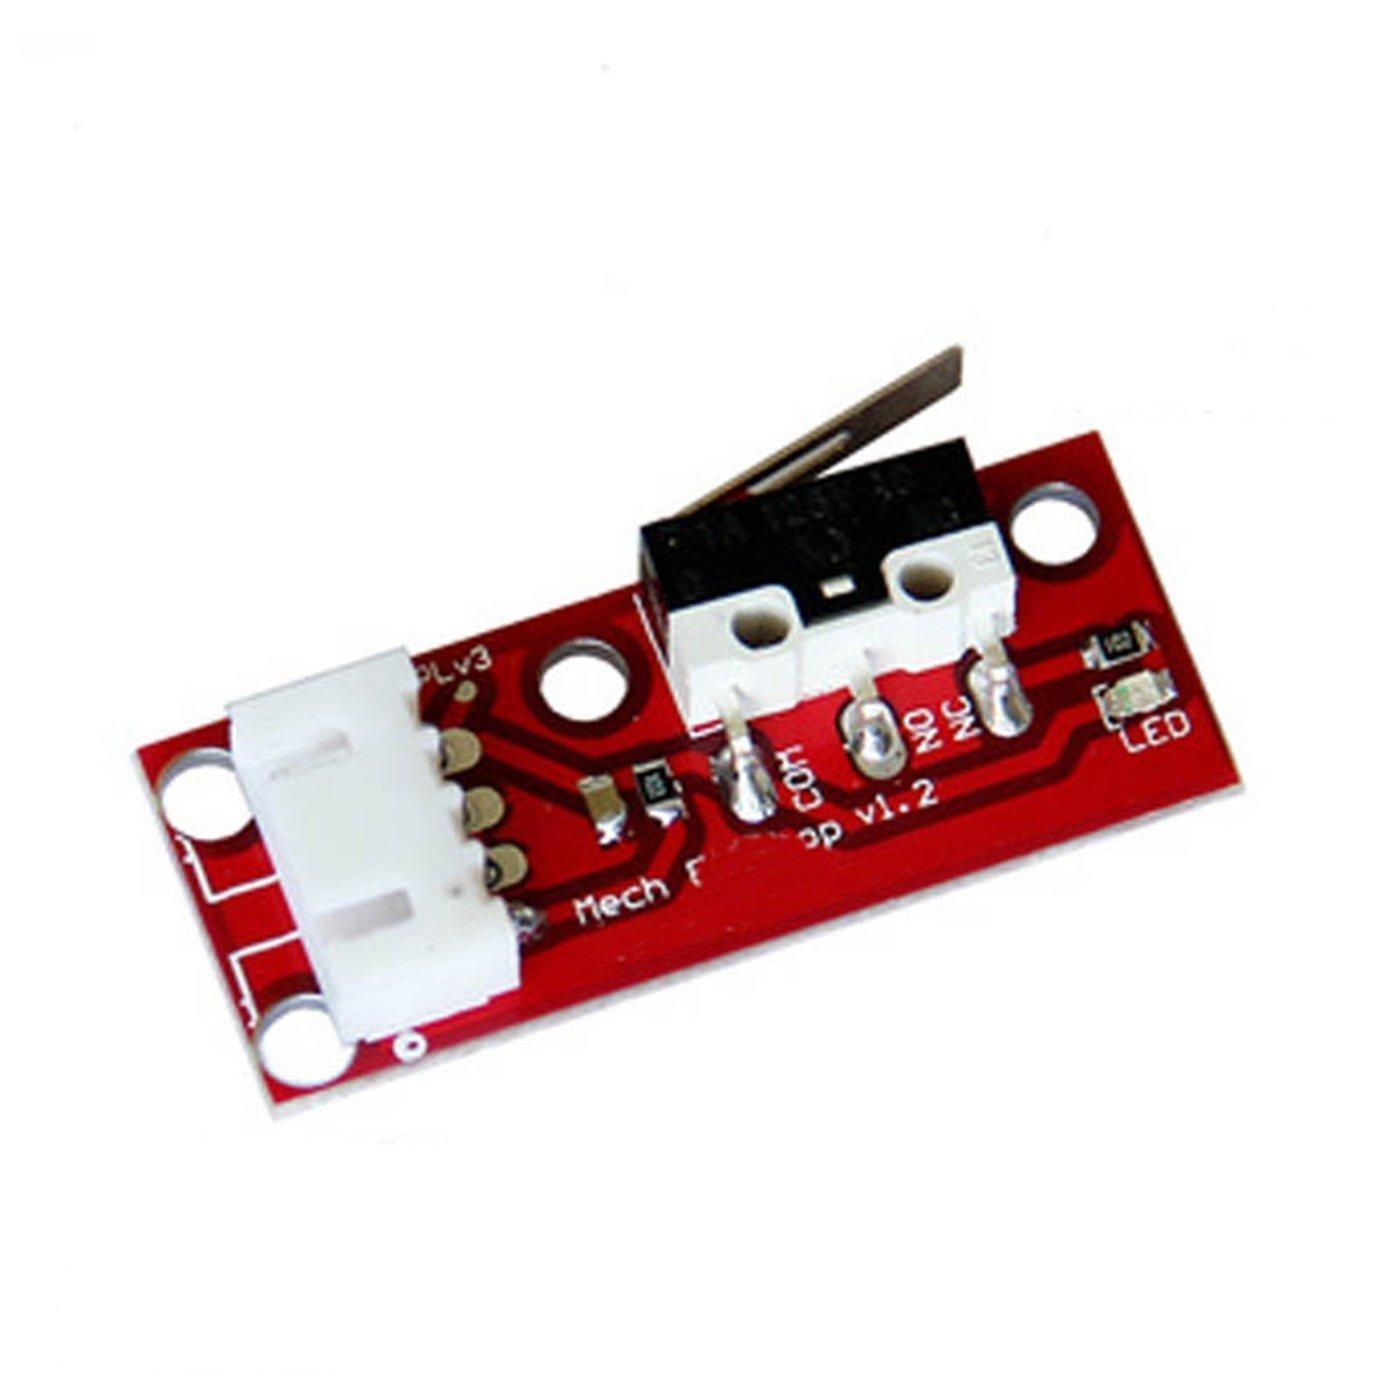 Interruptor de limite mecânico módulo v1.2 fim parar endstop